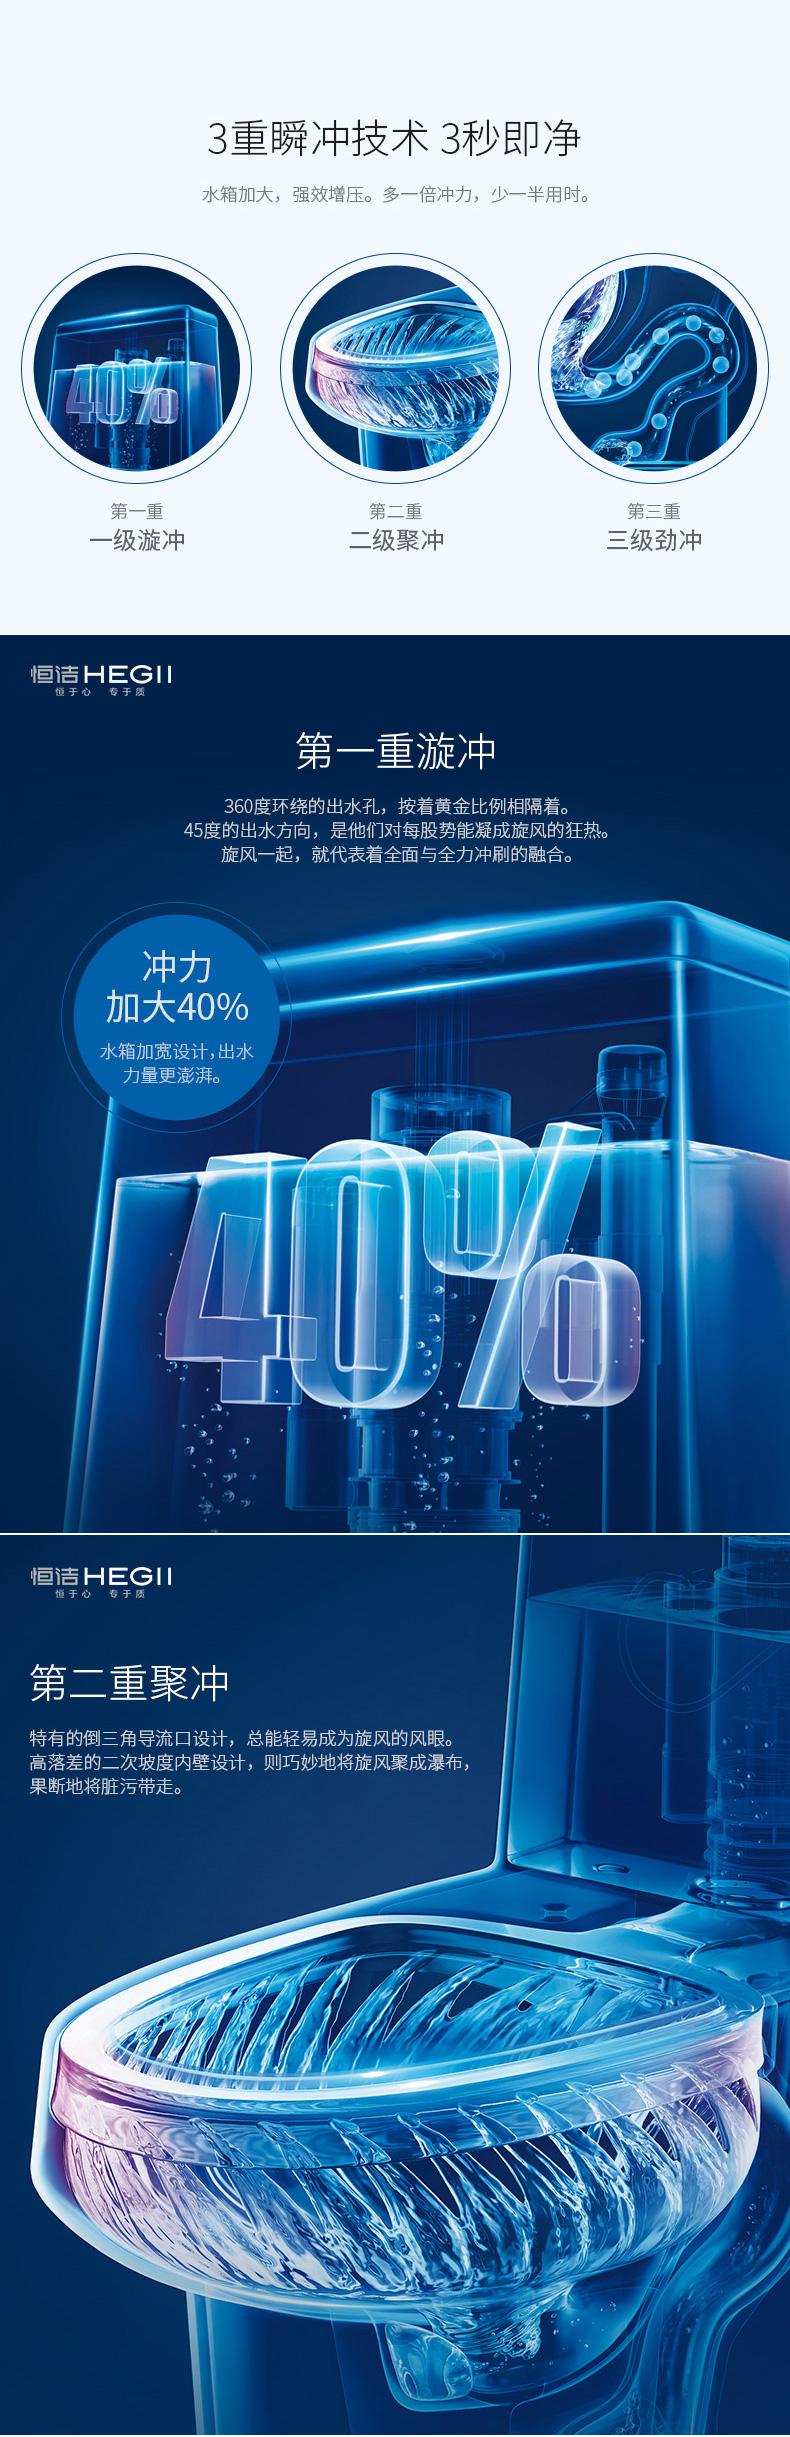 恒洁-大尺寸舒适款马桶HC0132PT_03.jpg